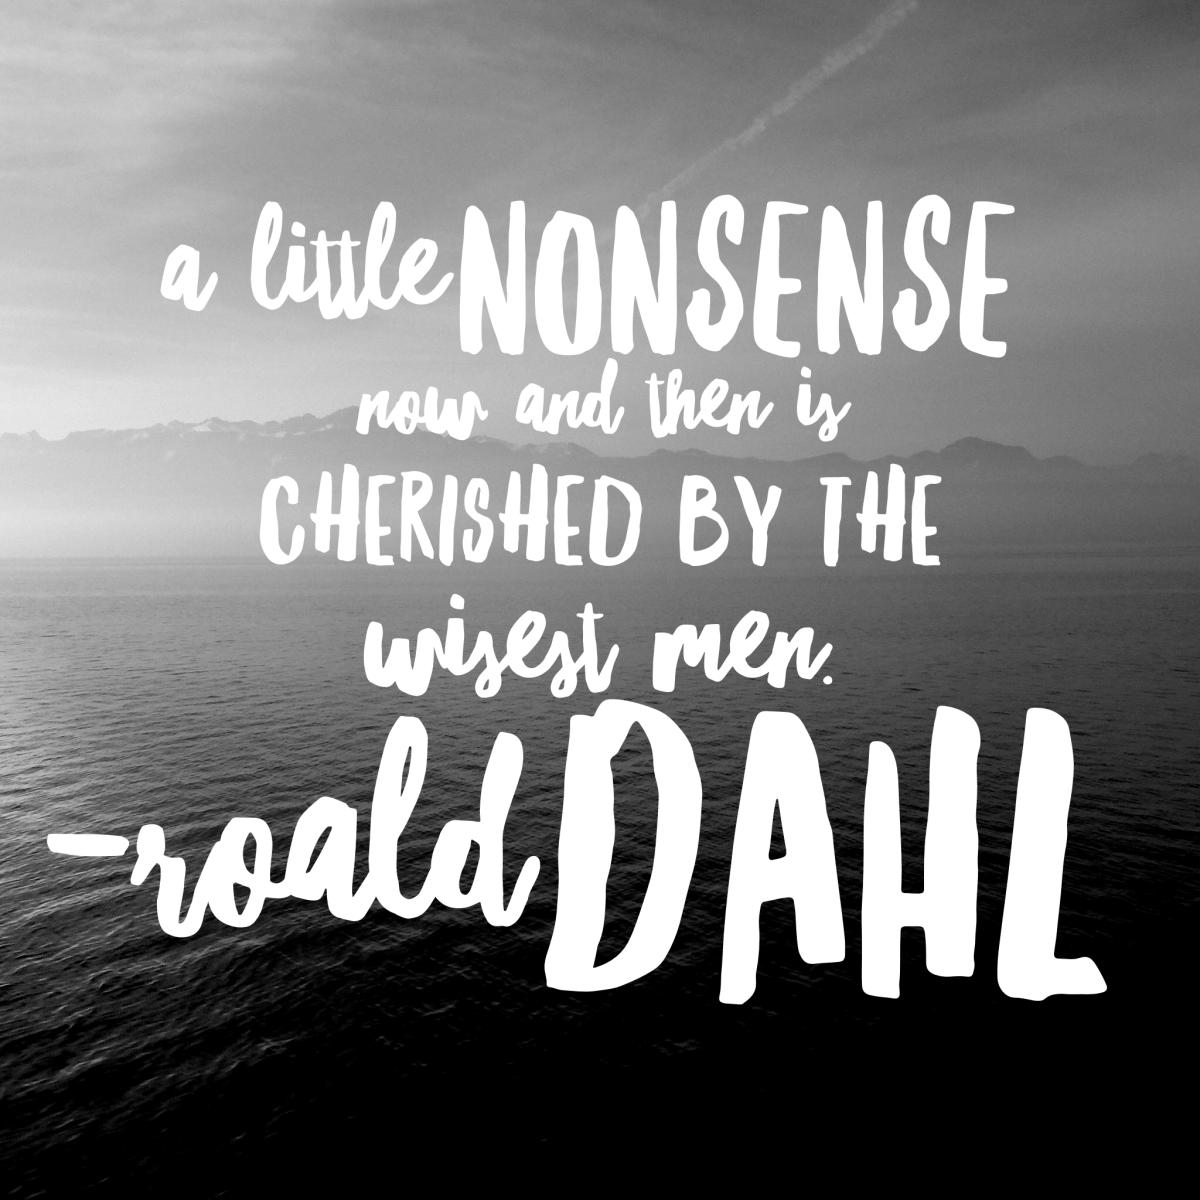 Roald Dahl on nonsense